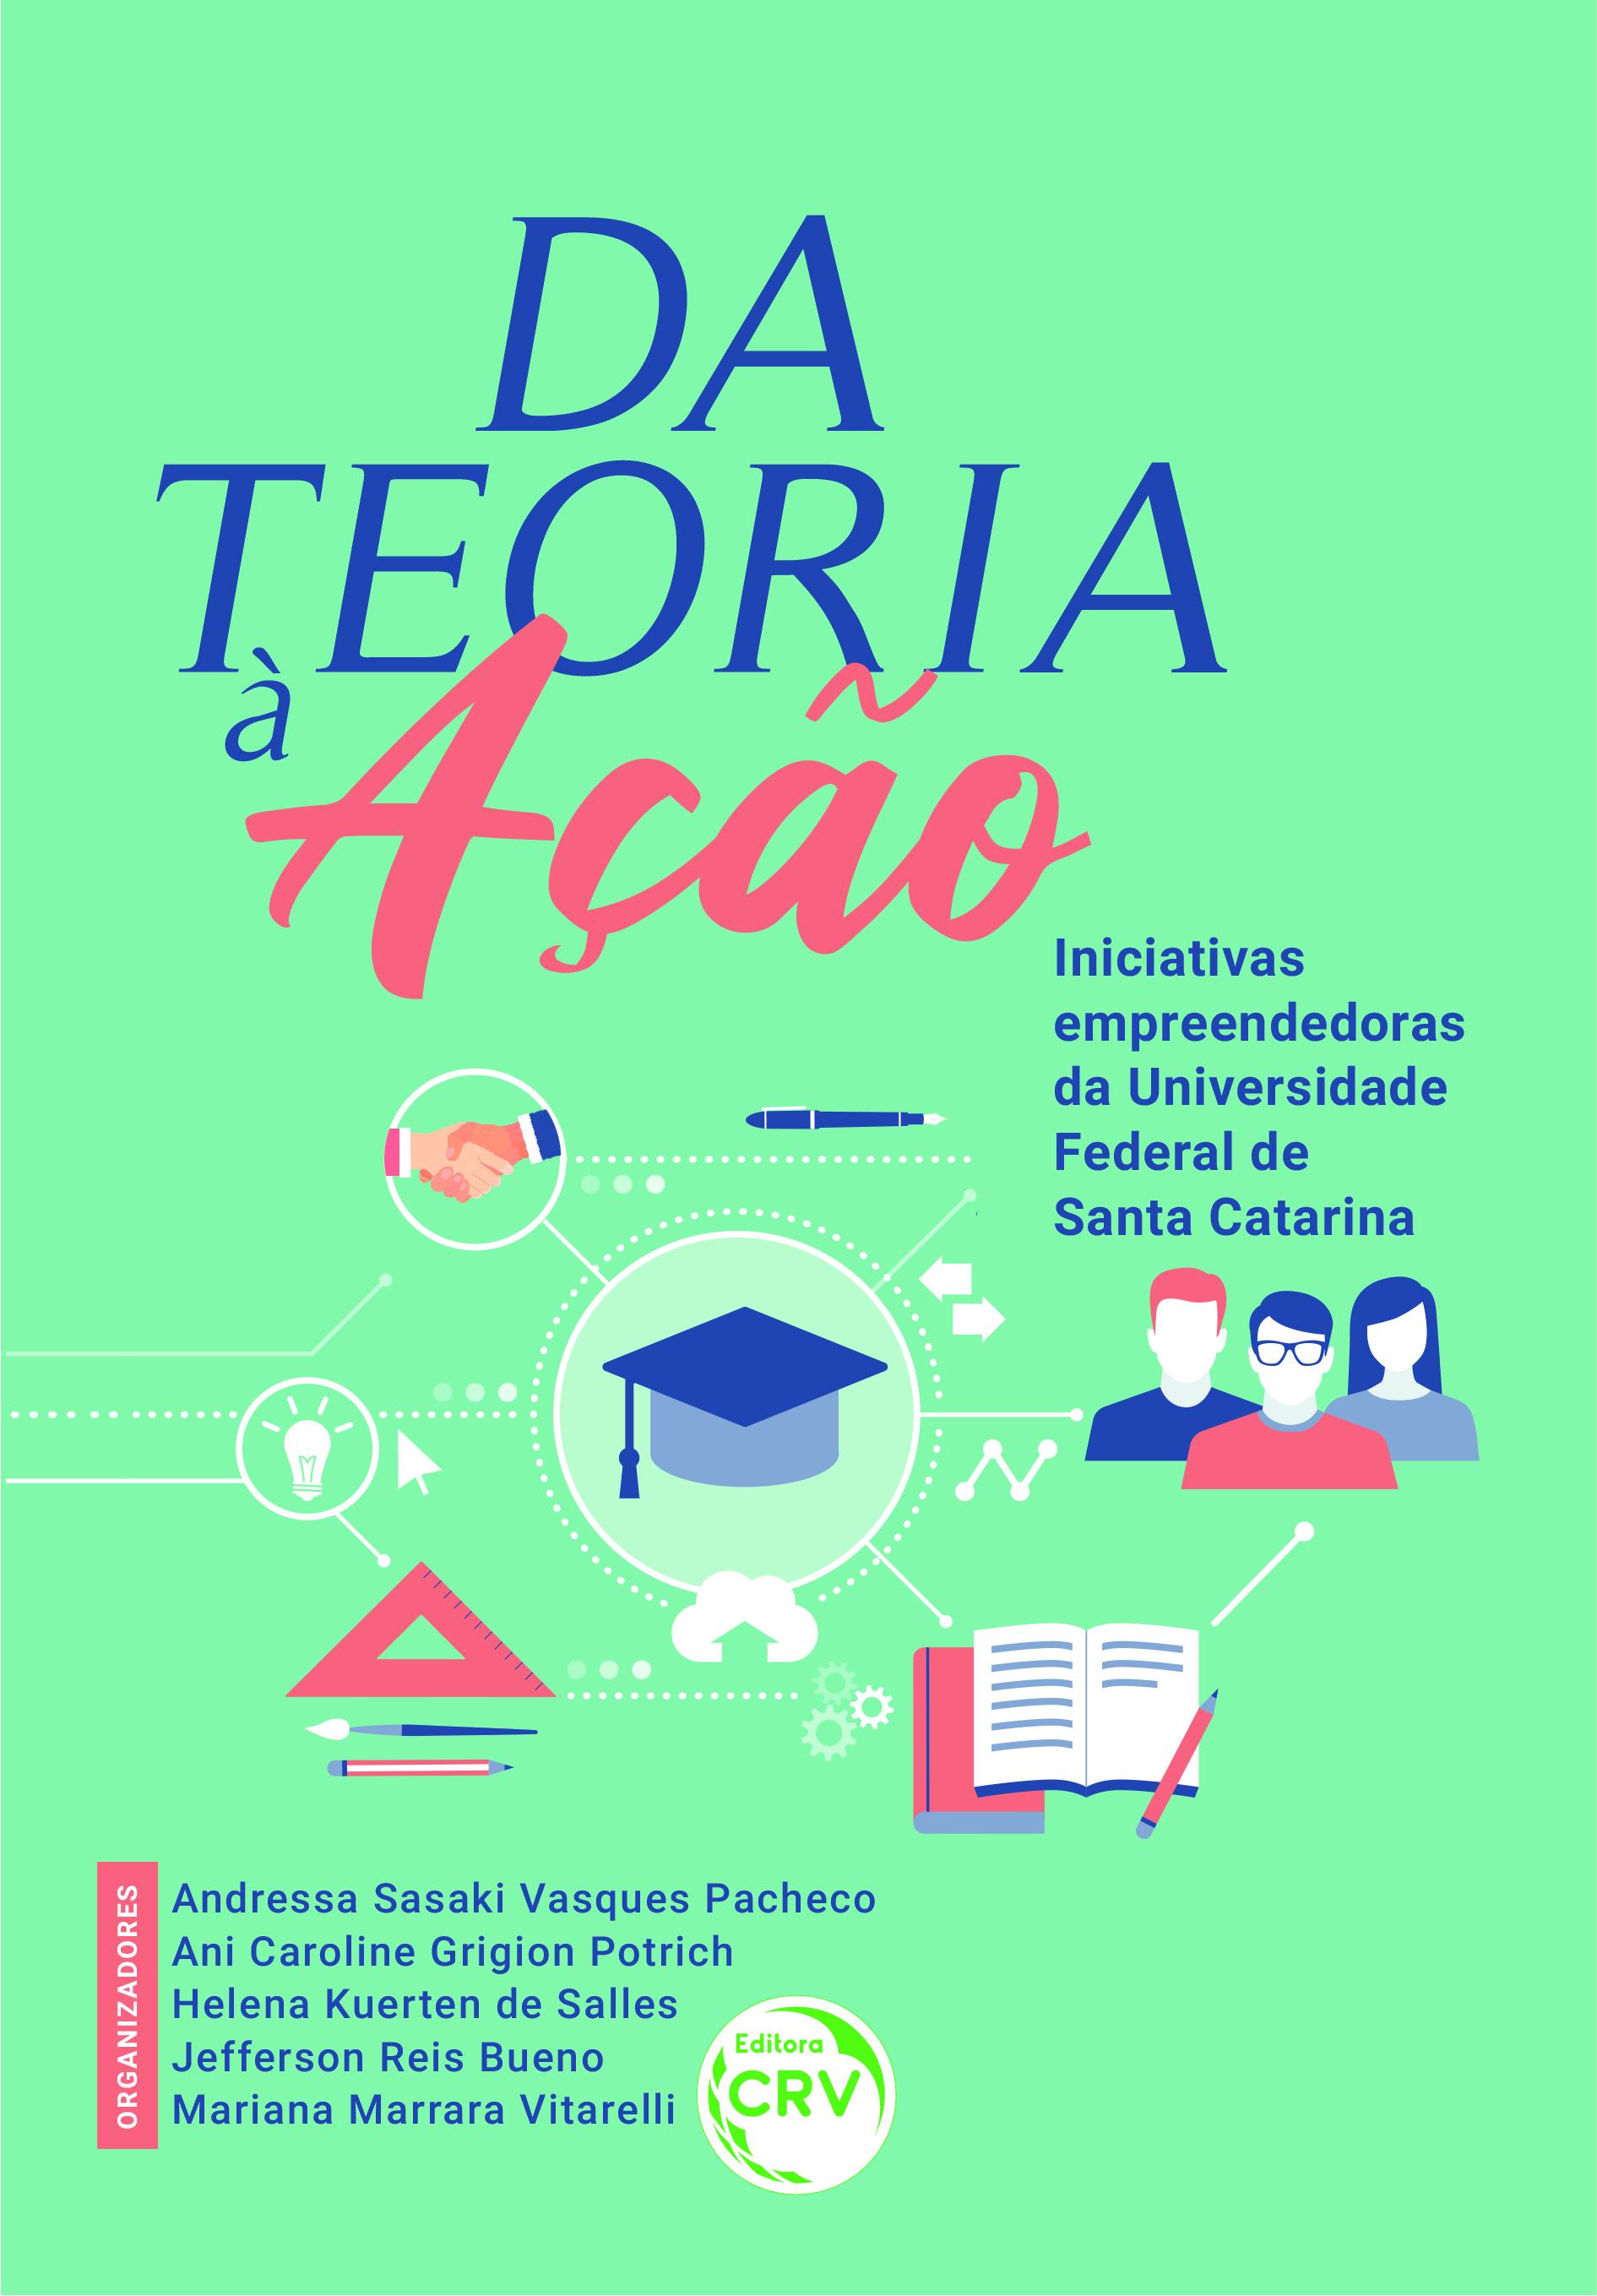 Capa do livro: DA TEORIA À AÇÃO:<br>iniciativas empreendedoras da Universidade Federal de Santa Catarina